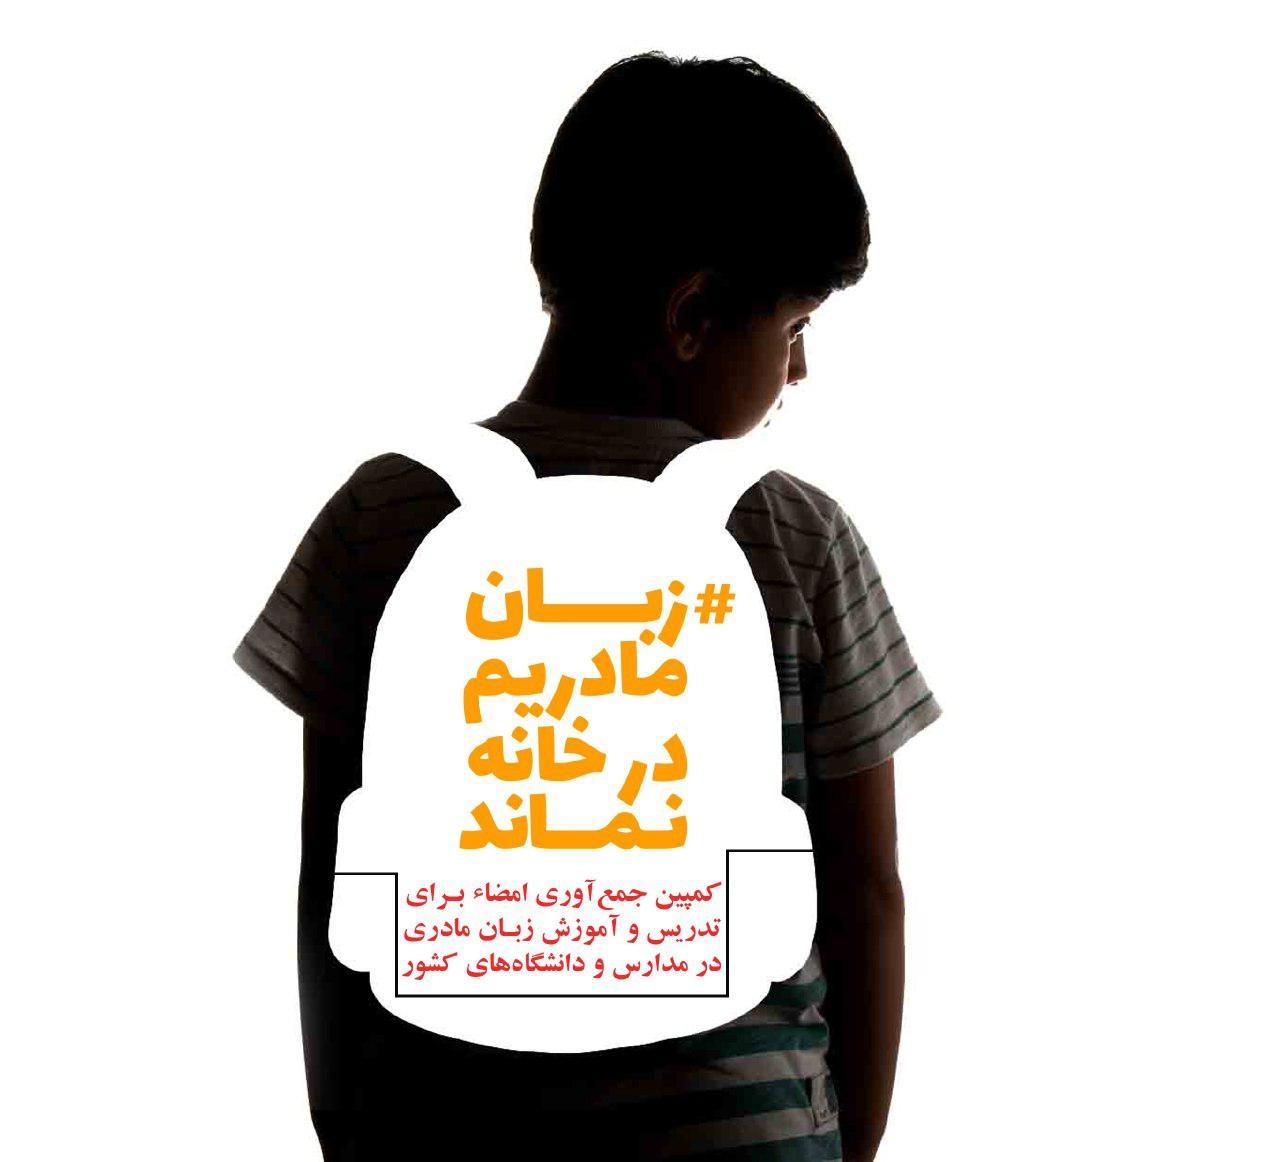 «به»؛ حرف اضافه یا ابزاری برای تجزیهی ایران؟!